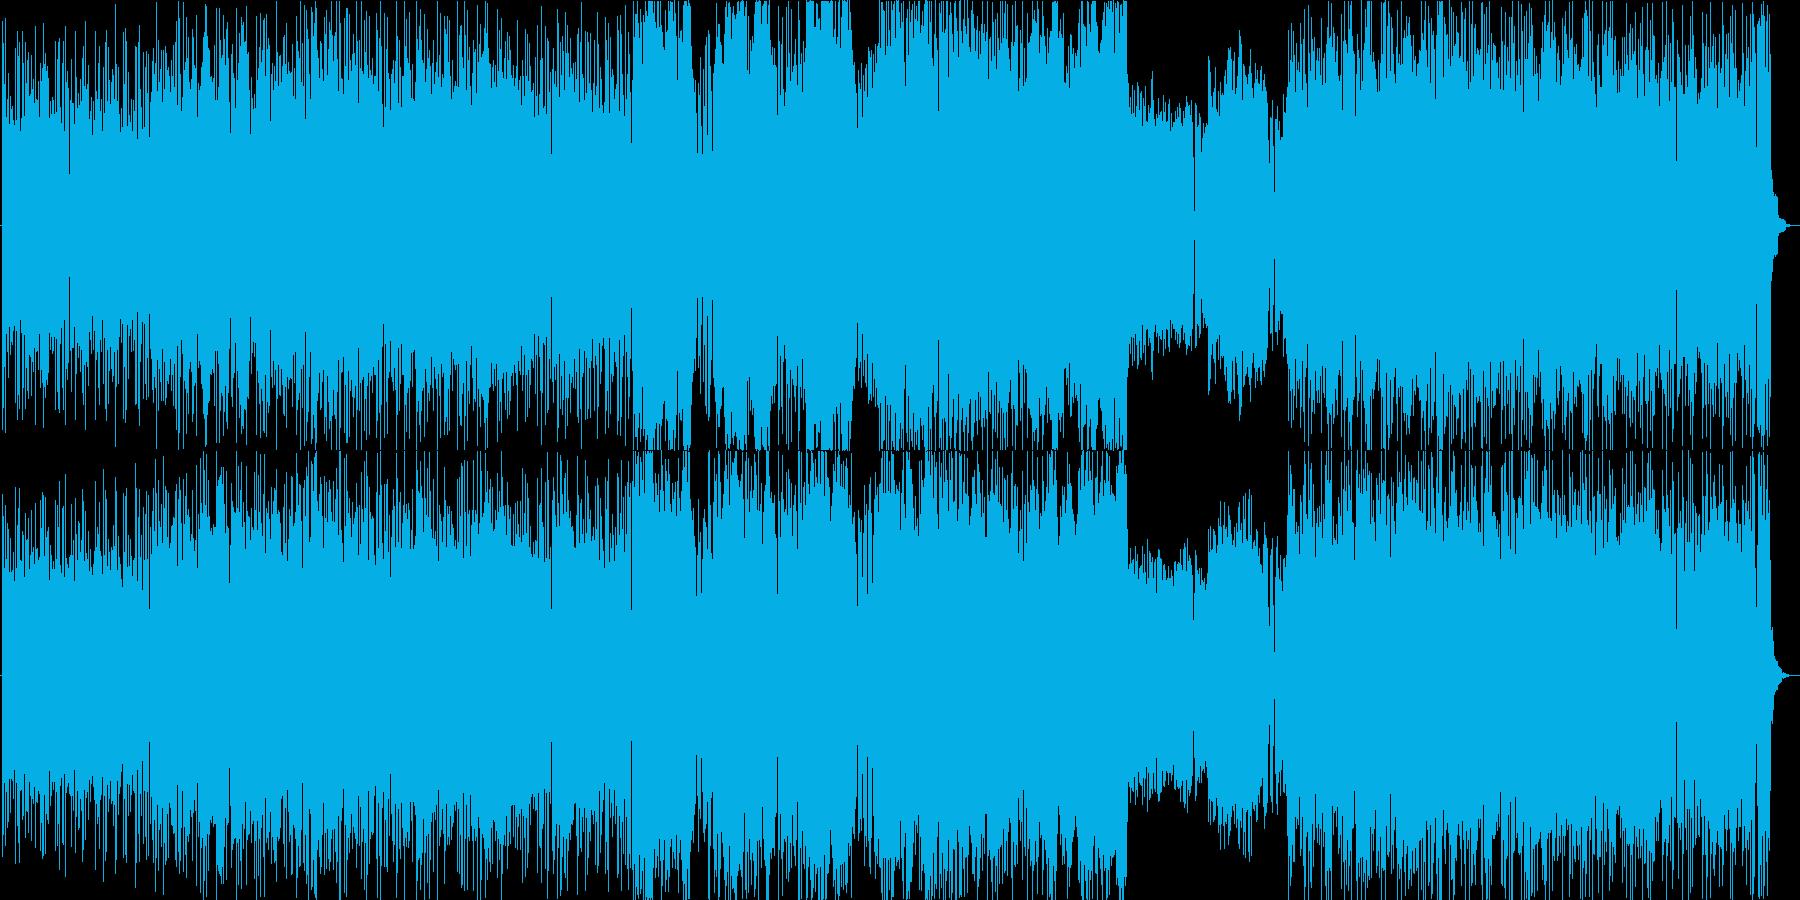 ゲーム、バトル、RPGに合う疾走感ある曲の再生済みの波形